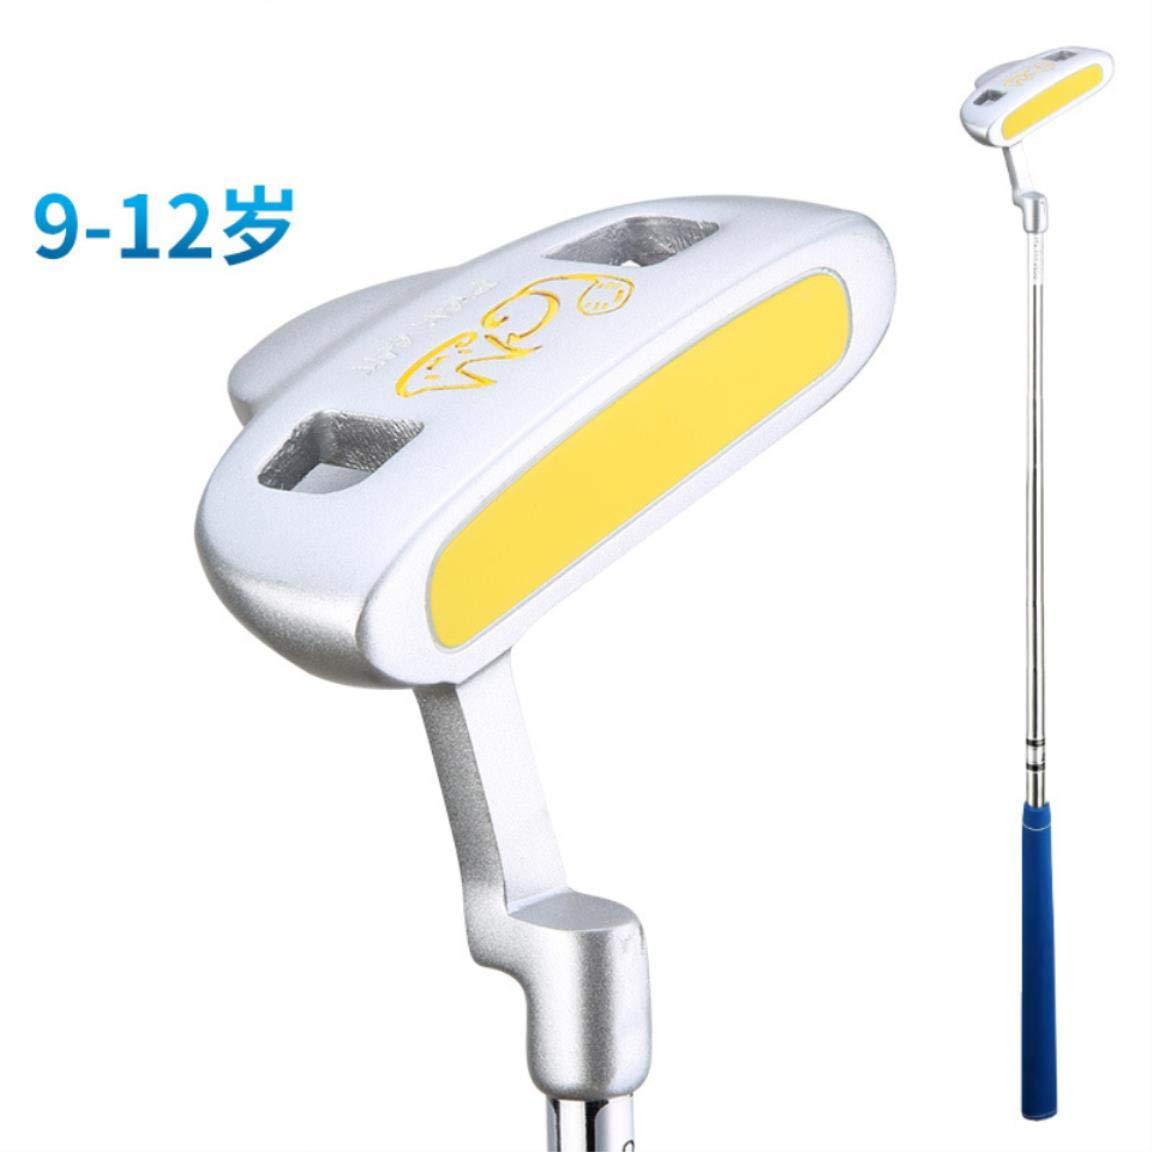 Clubes de Golf Putter de Acero Inoxidable Golf Putter ...